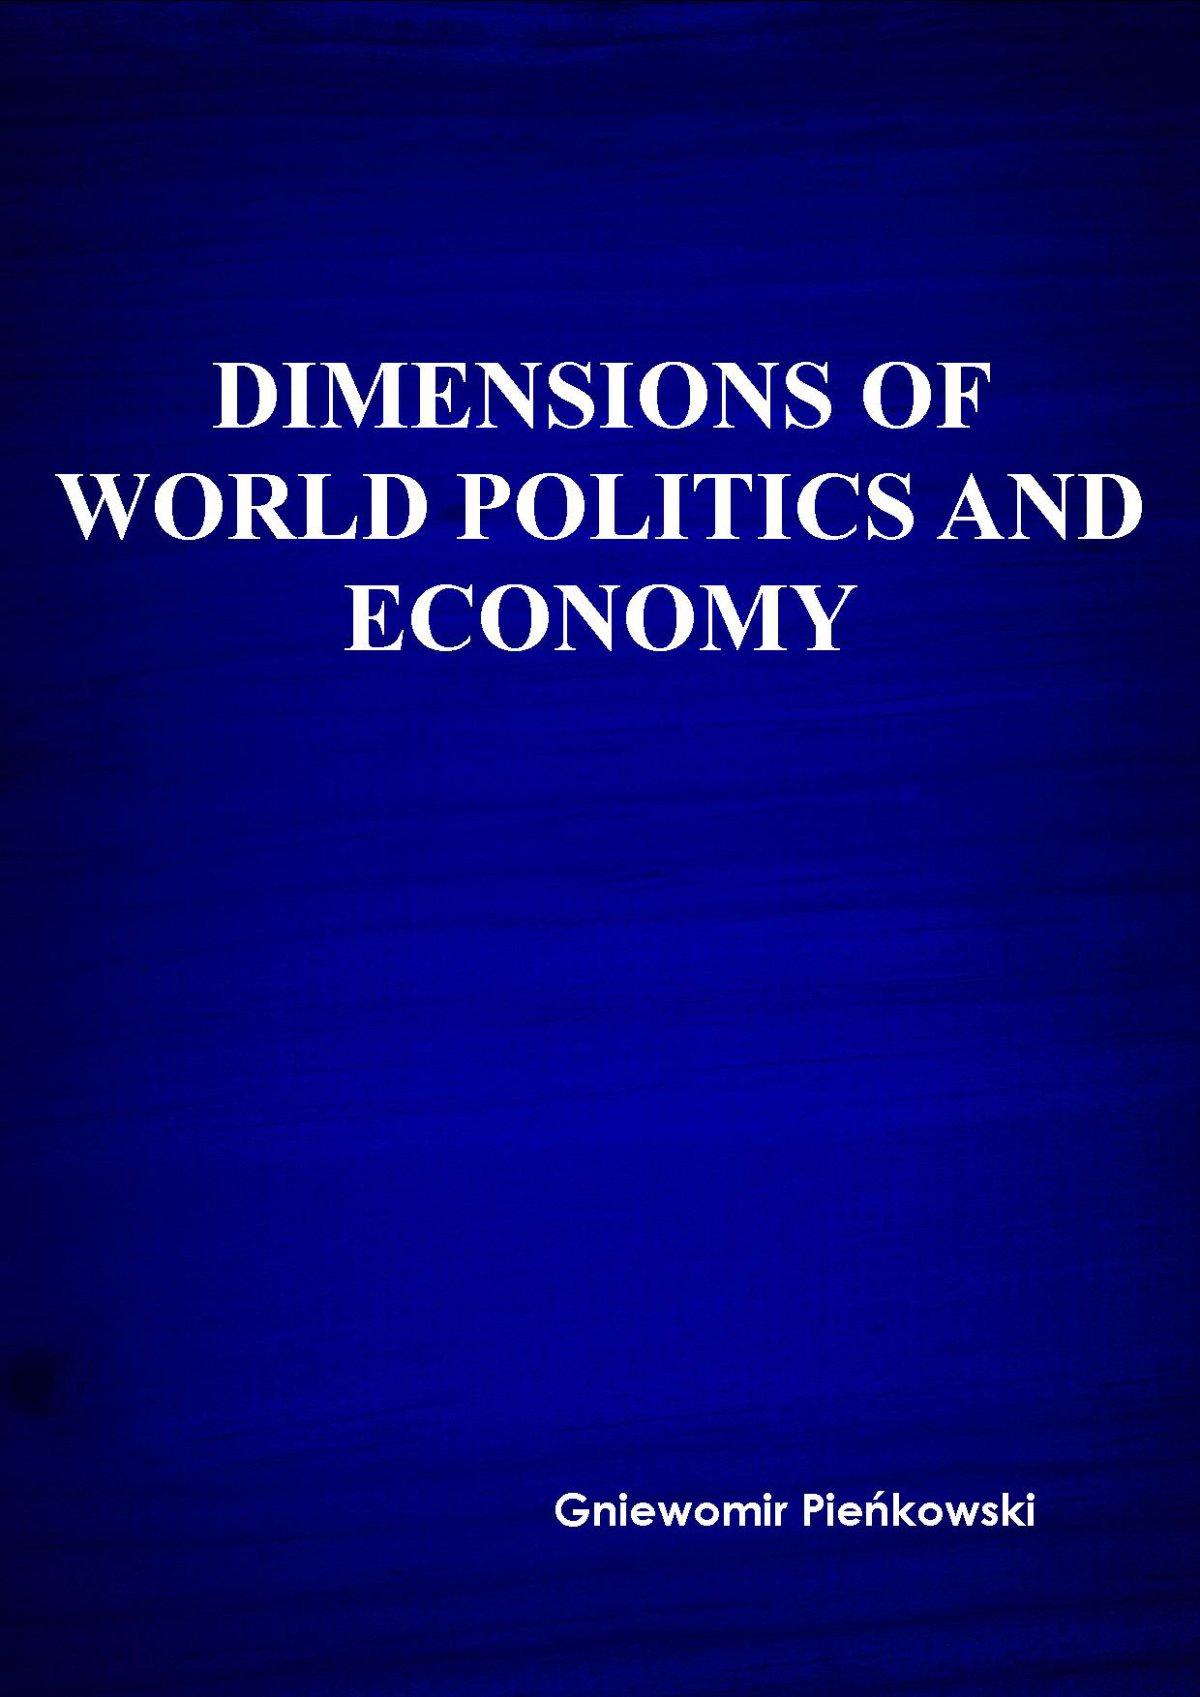 Dimensions of world politics and economy - Ebook (Książka PDF) do pobrania w formacie PDF